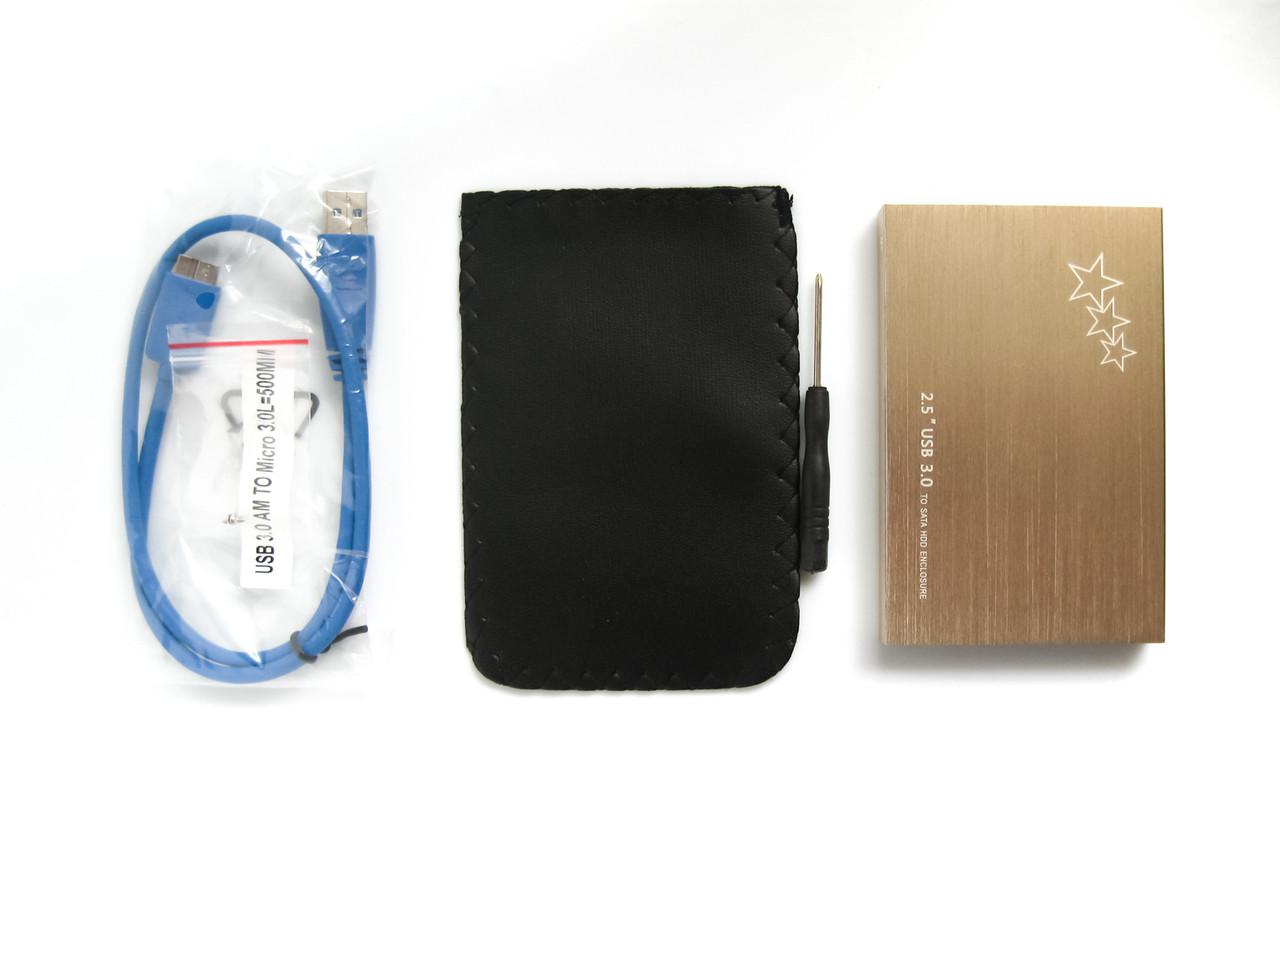 Внешний карман для HDD 2.5 дюймов, USB 3.0 - SATA, TRY S2516U3, до 3 TB, алюминий, серебристый